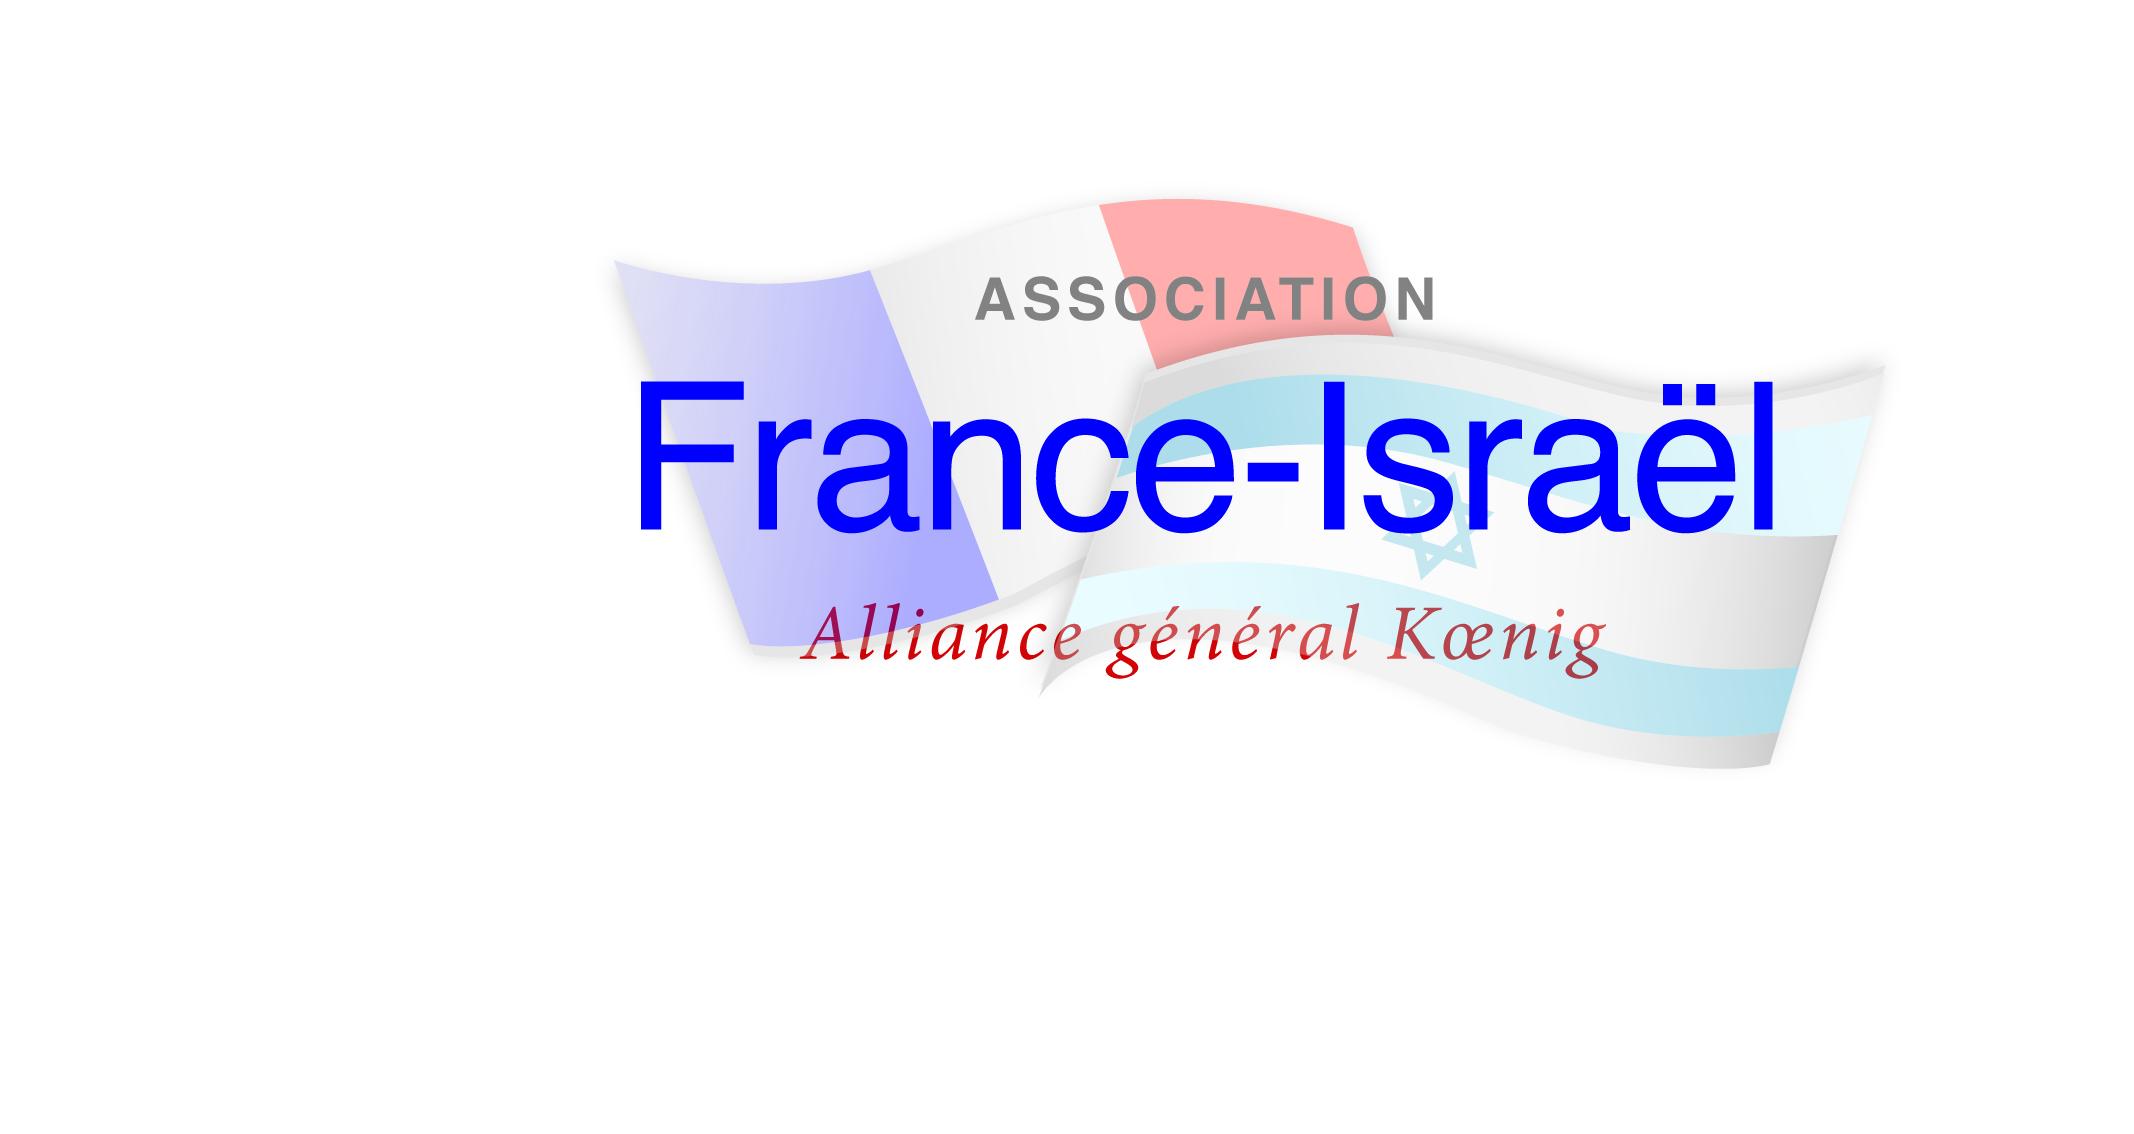 Communiqué du 19 décembre 2010 FRANCE-ISRAËL  Alliance Général Kœnig  et  FRANCE-ISRAËL  Marseille